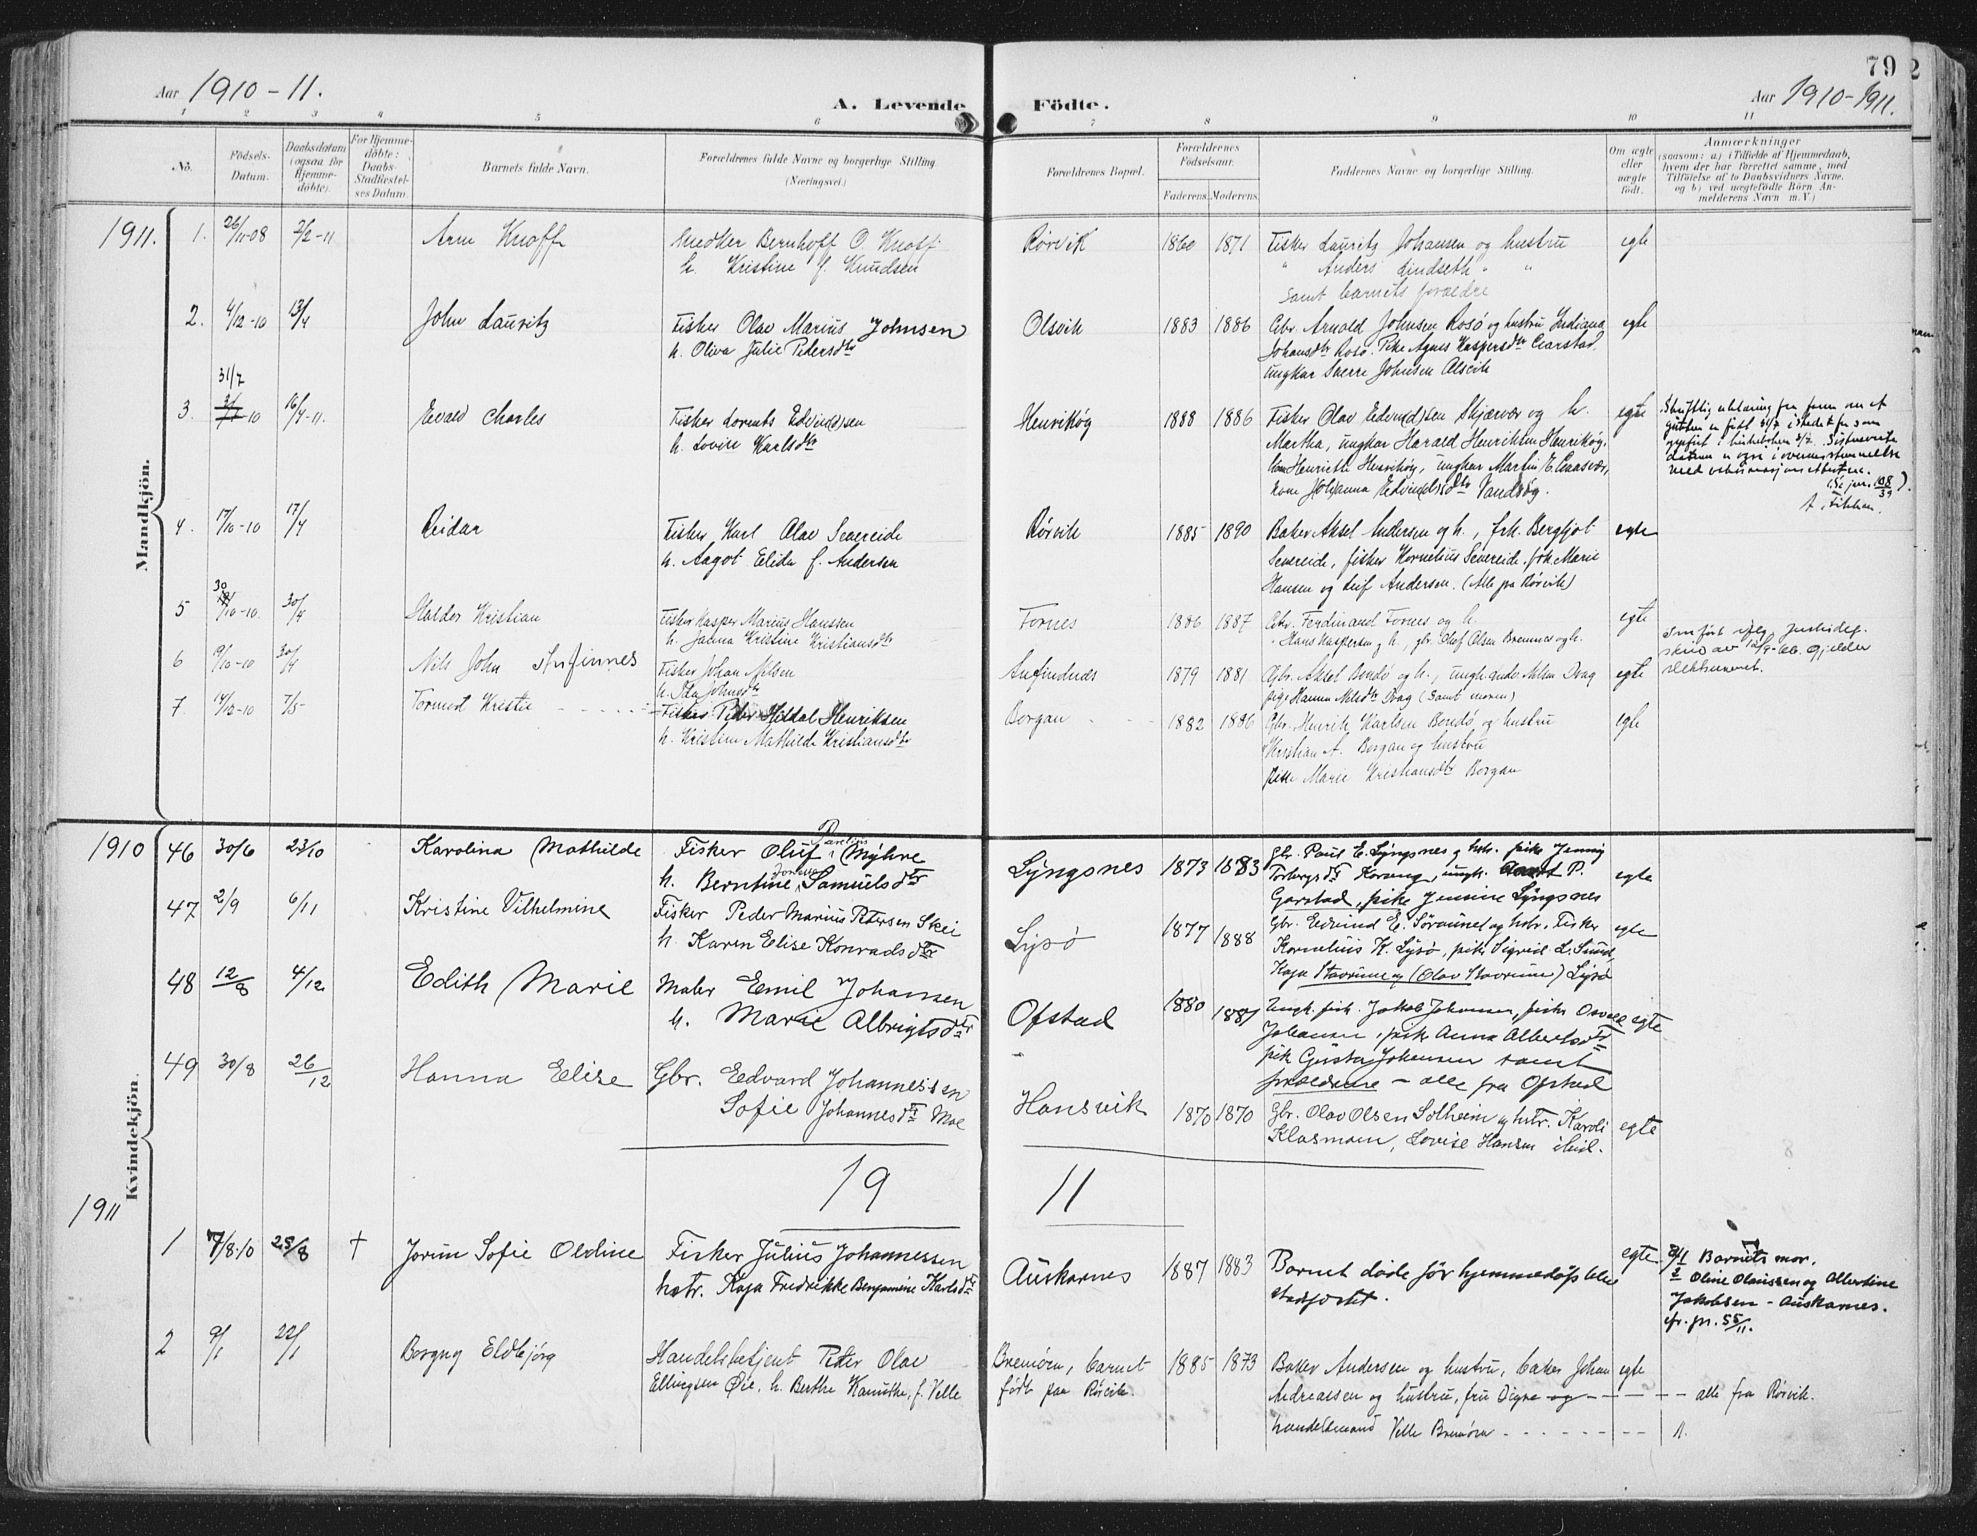 SAT, Ministerialprotokoller, klokkerbøker og fødselsregistre - Nord-Trøndelag, 786/L0688: Ministerialbok nr. 786A04, 1899-1912, s. 79